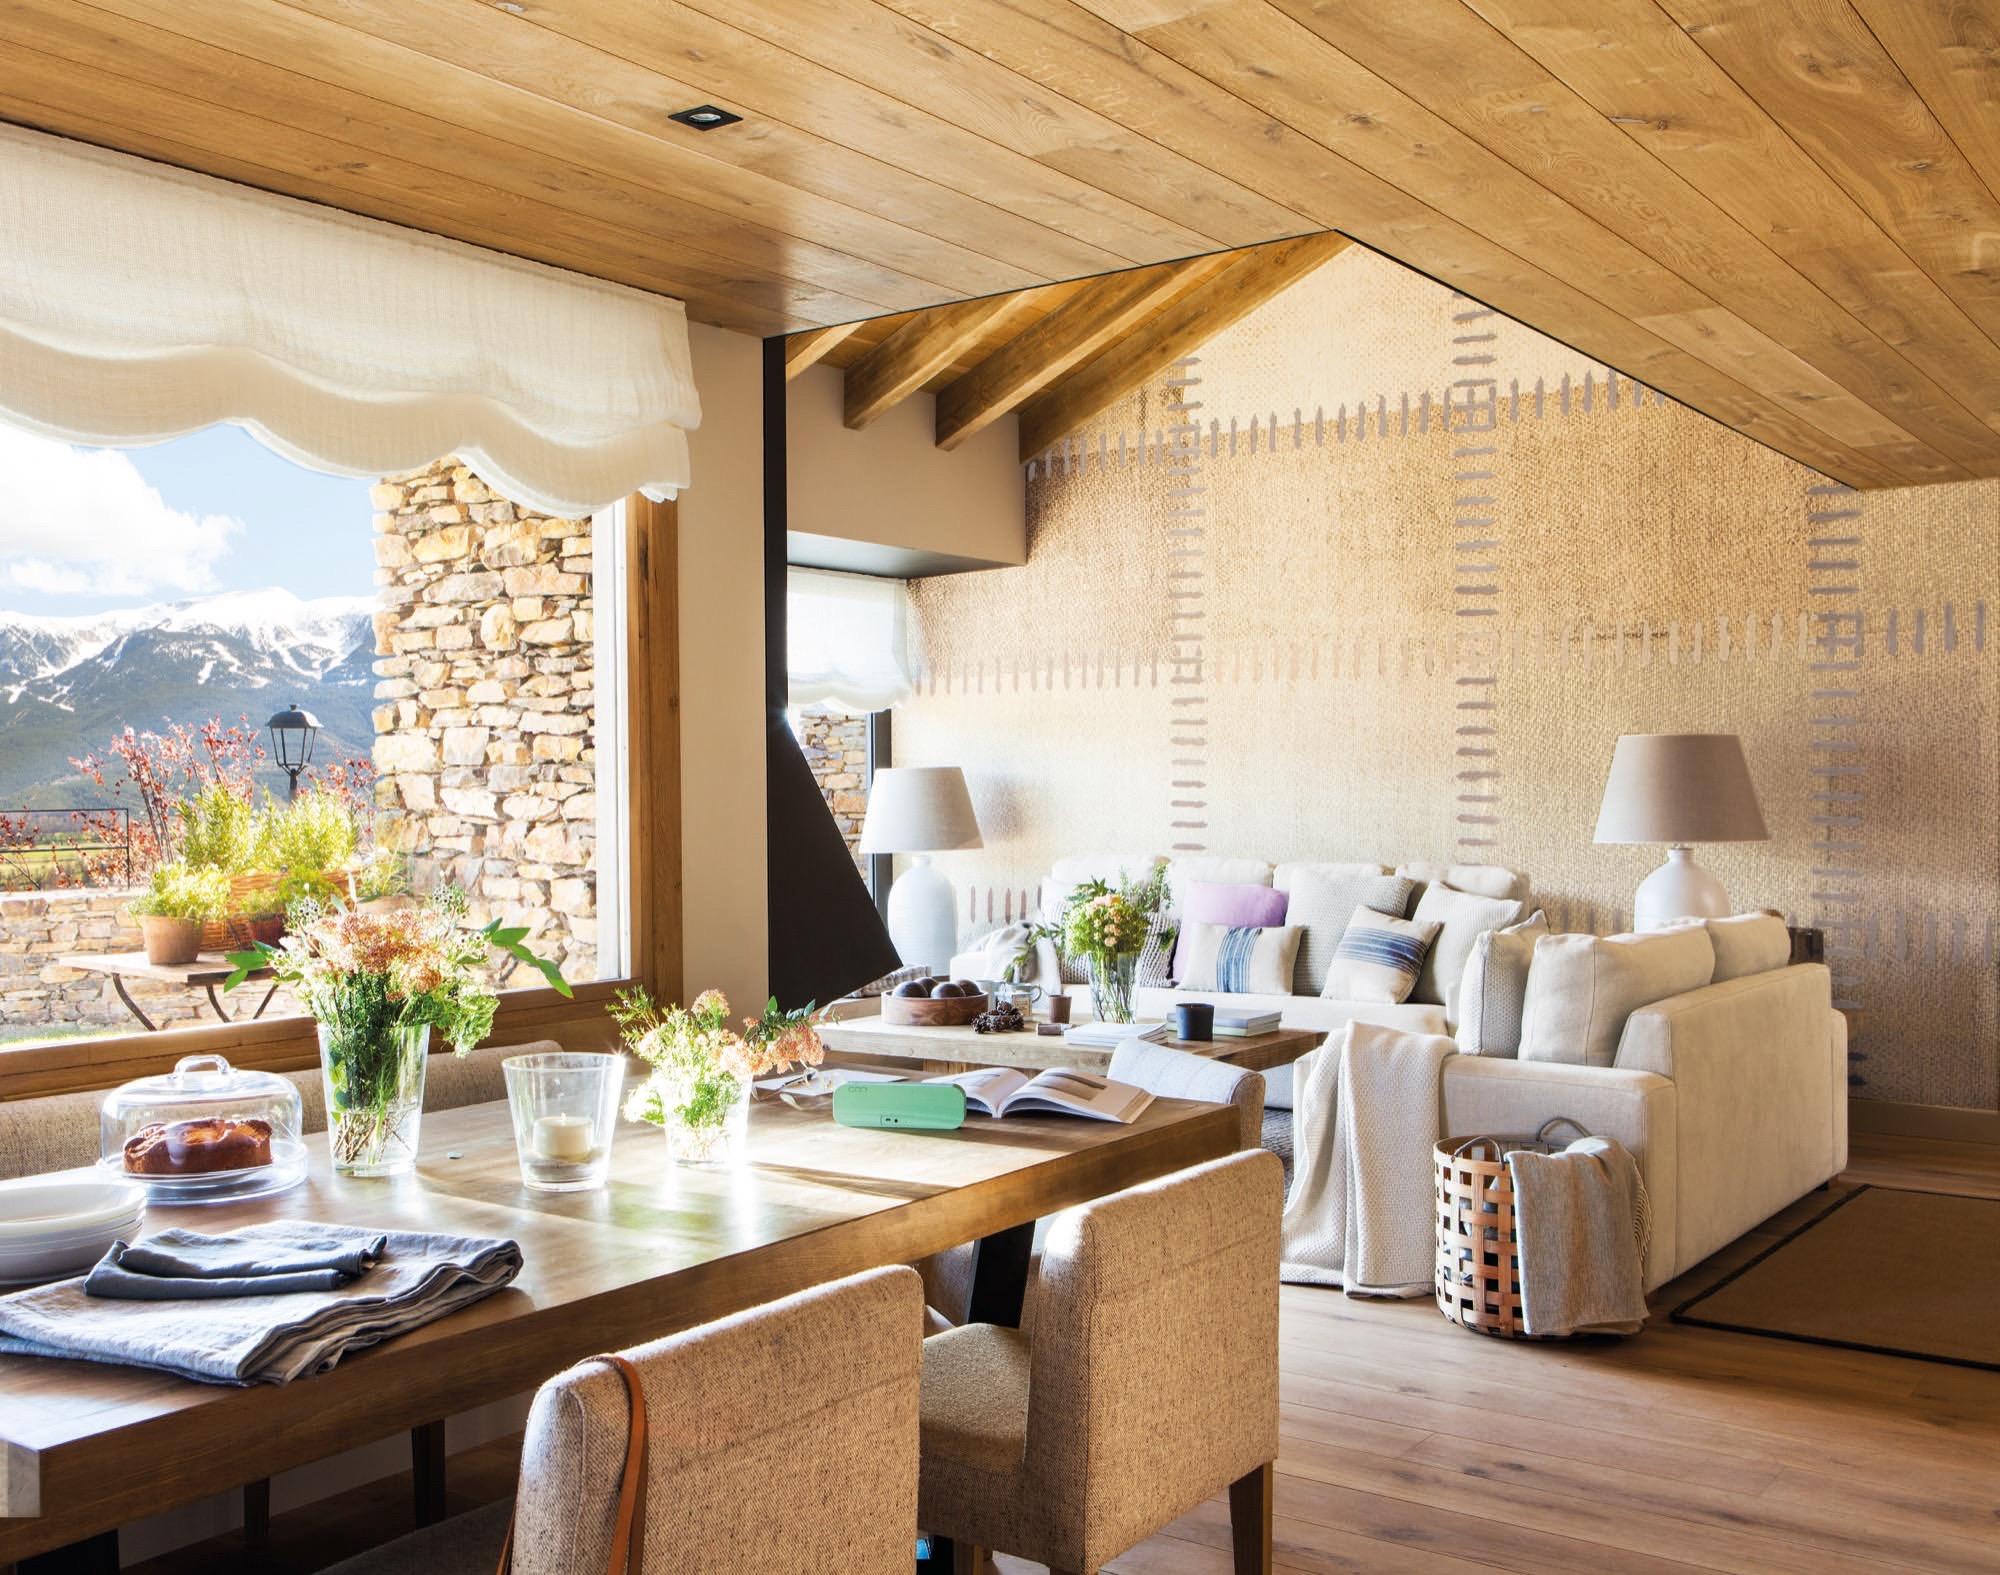 Una casa de monta a c lida acogedora y muy abrigada en la for Plato de decoracion marroqui salon 2014